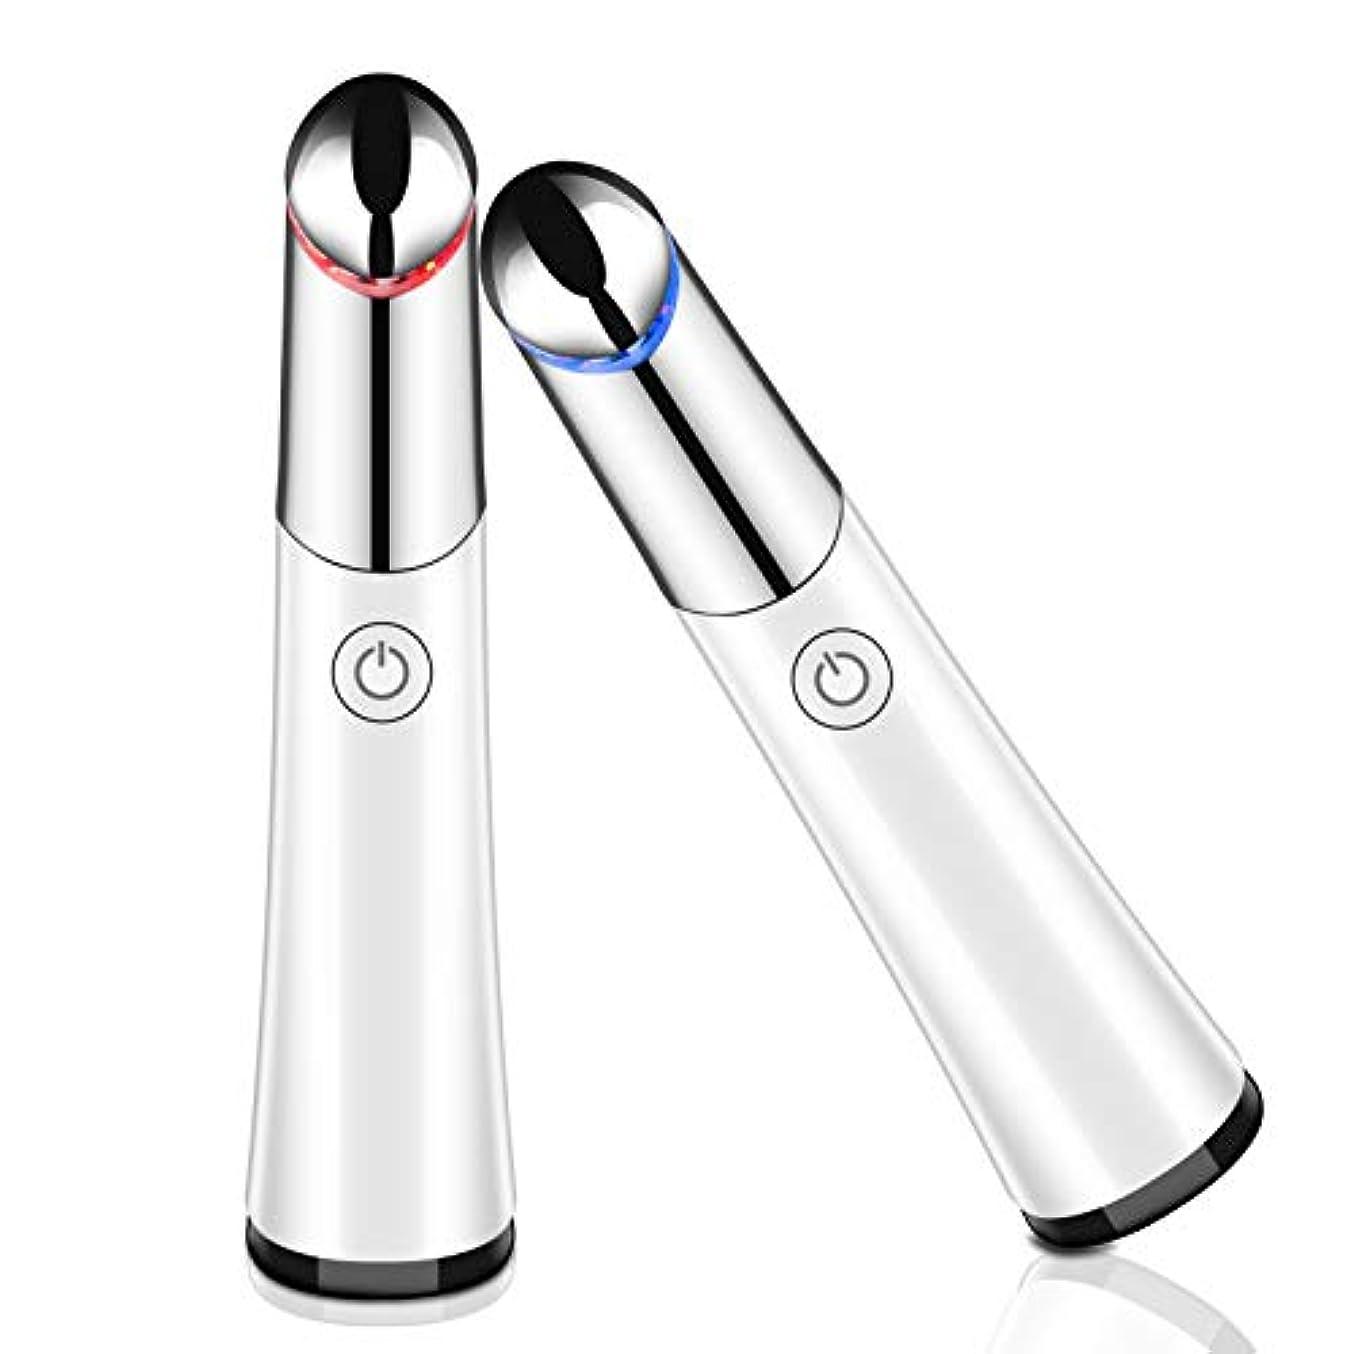 ペダルオーストラリア人しゃがむ目元ケア 超音波美顔器 温熱マッサージ 光エステ イオン導入 振動 USB充電式 口元ケア 美肌 くま たるみ シワ 目袋改善 法令線改善